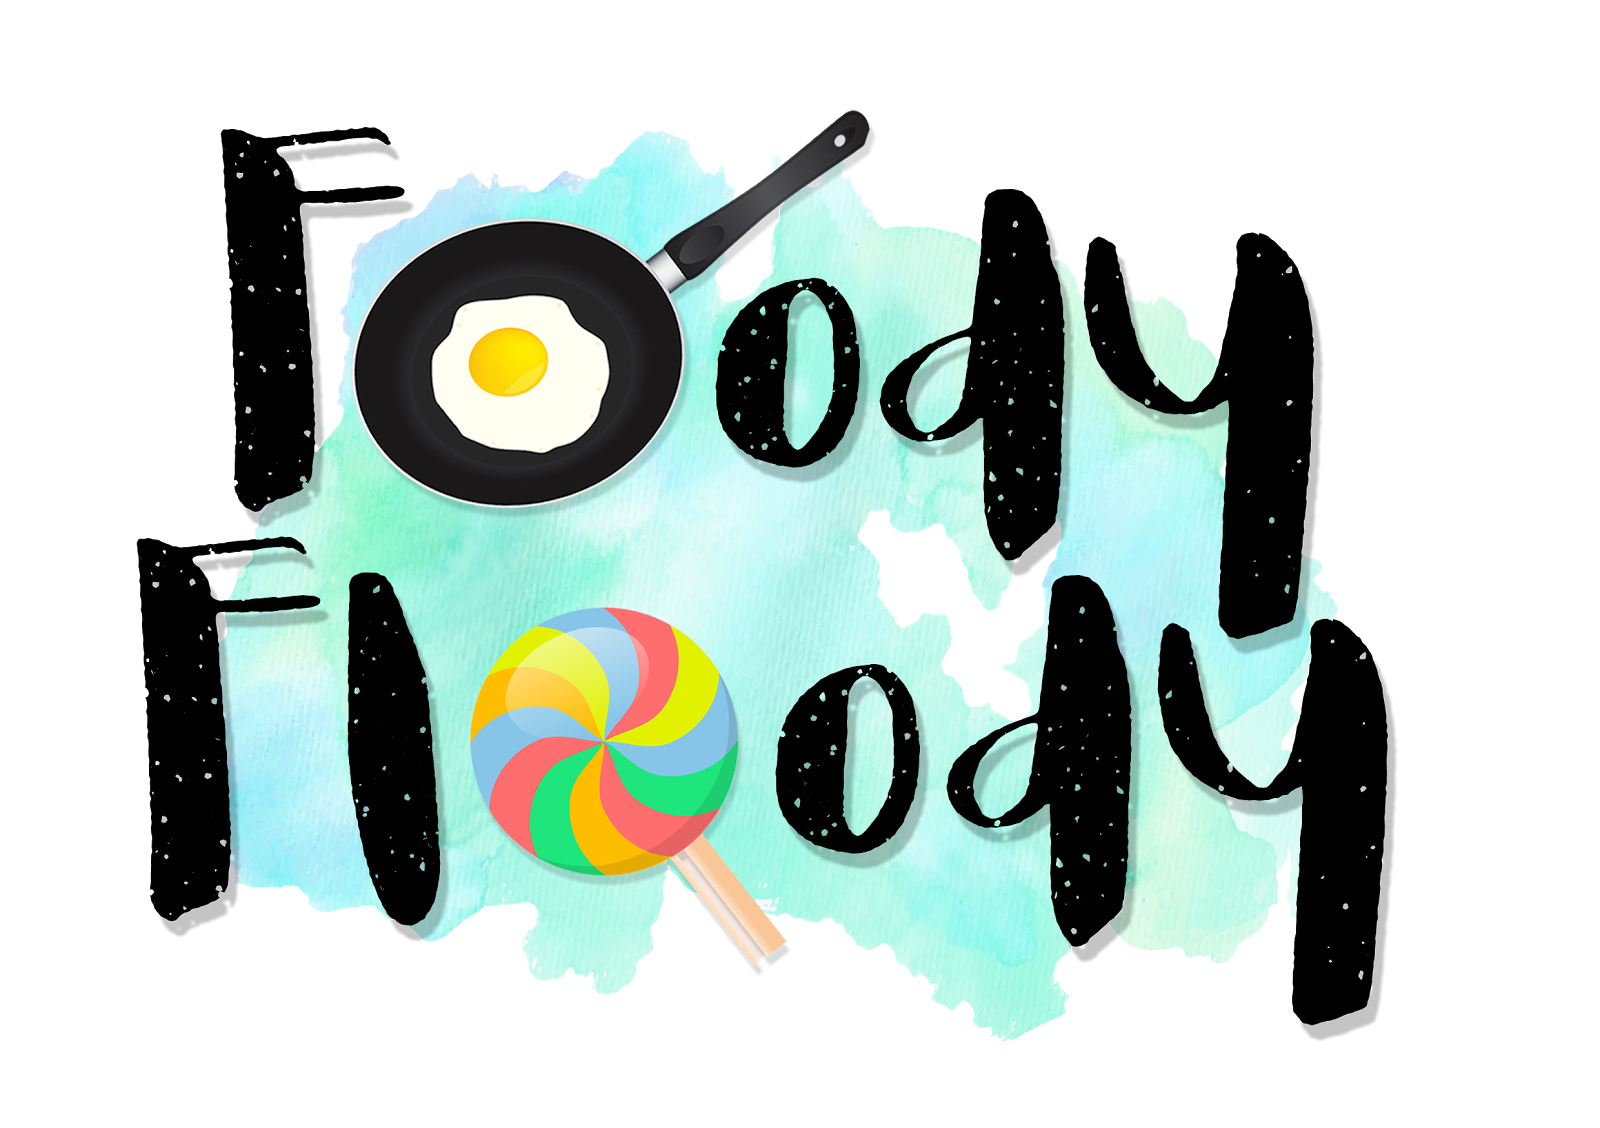 www.foodyfloody.com